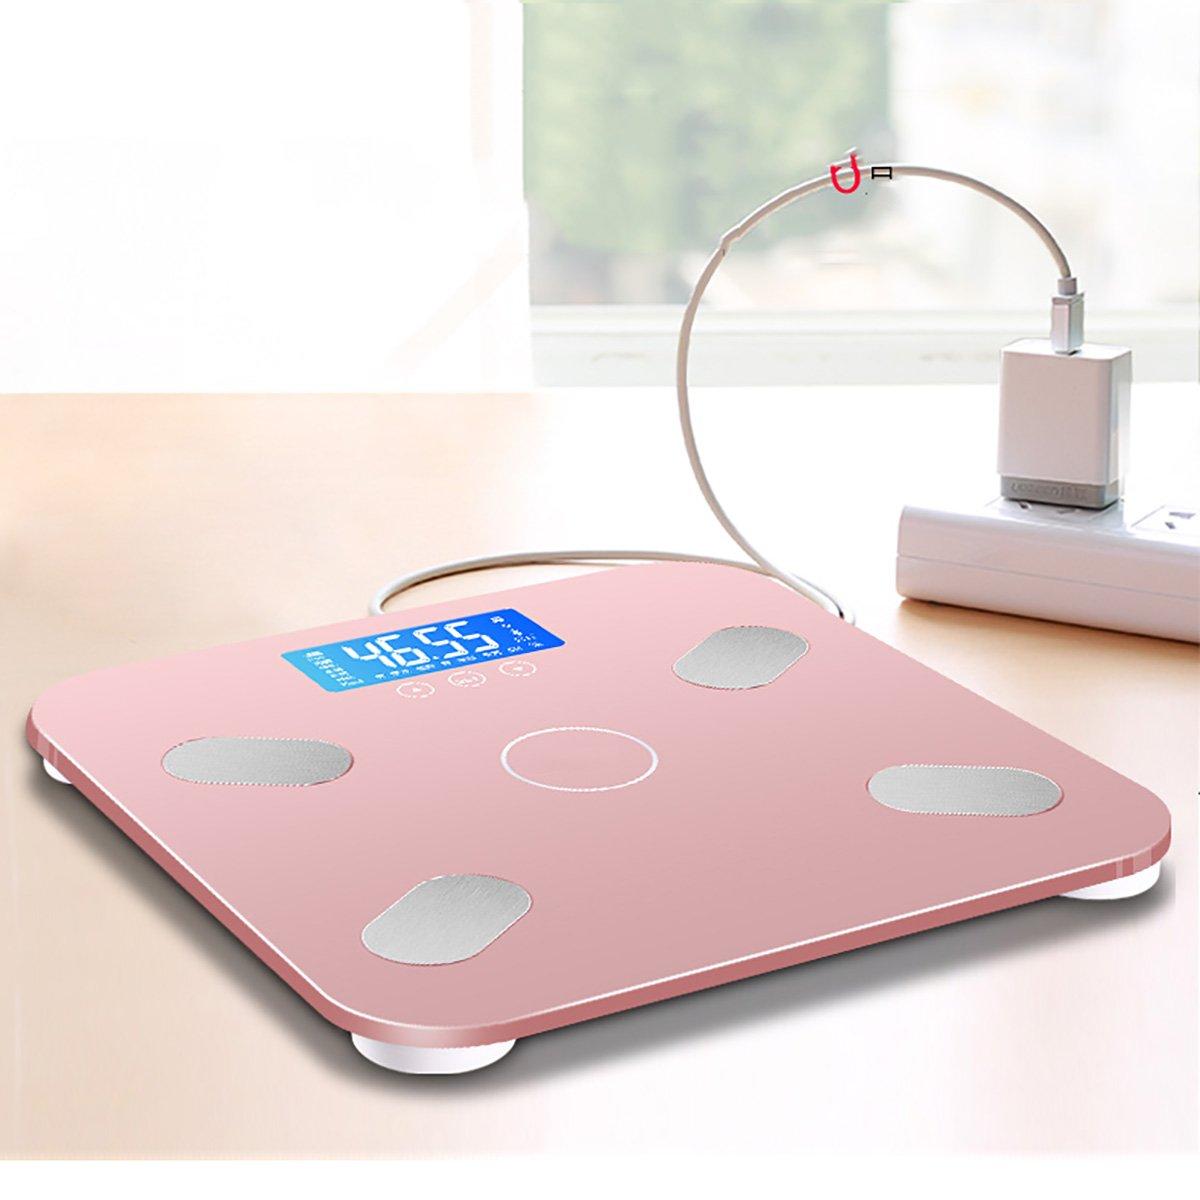 Balanza de cuerpo inteligente escalas de peso electrónico inteligente escalas de cuerpo del hogar escamas de peso adulto con precisión peso de grasa (Color ...